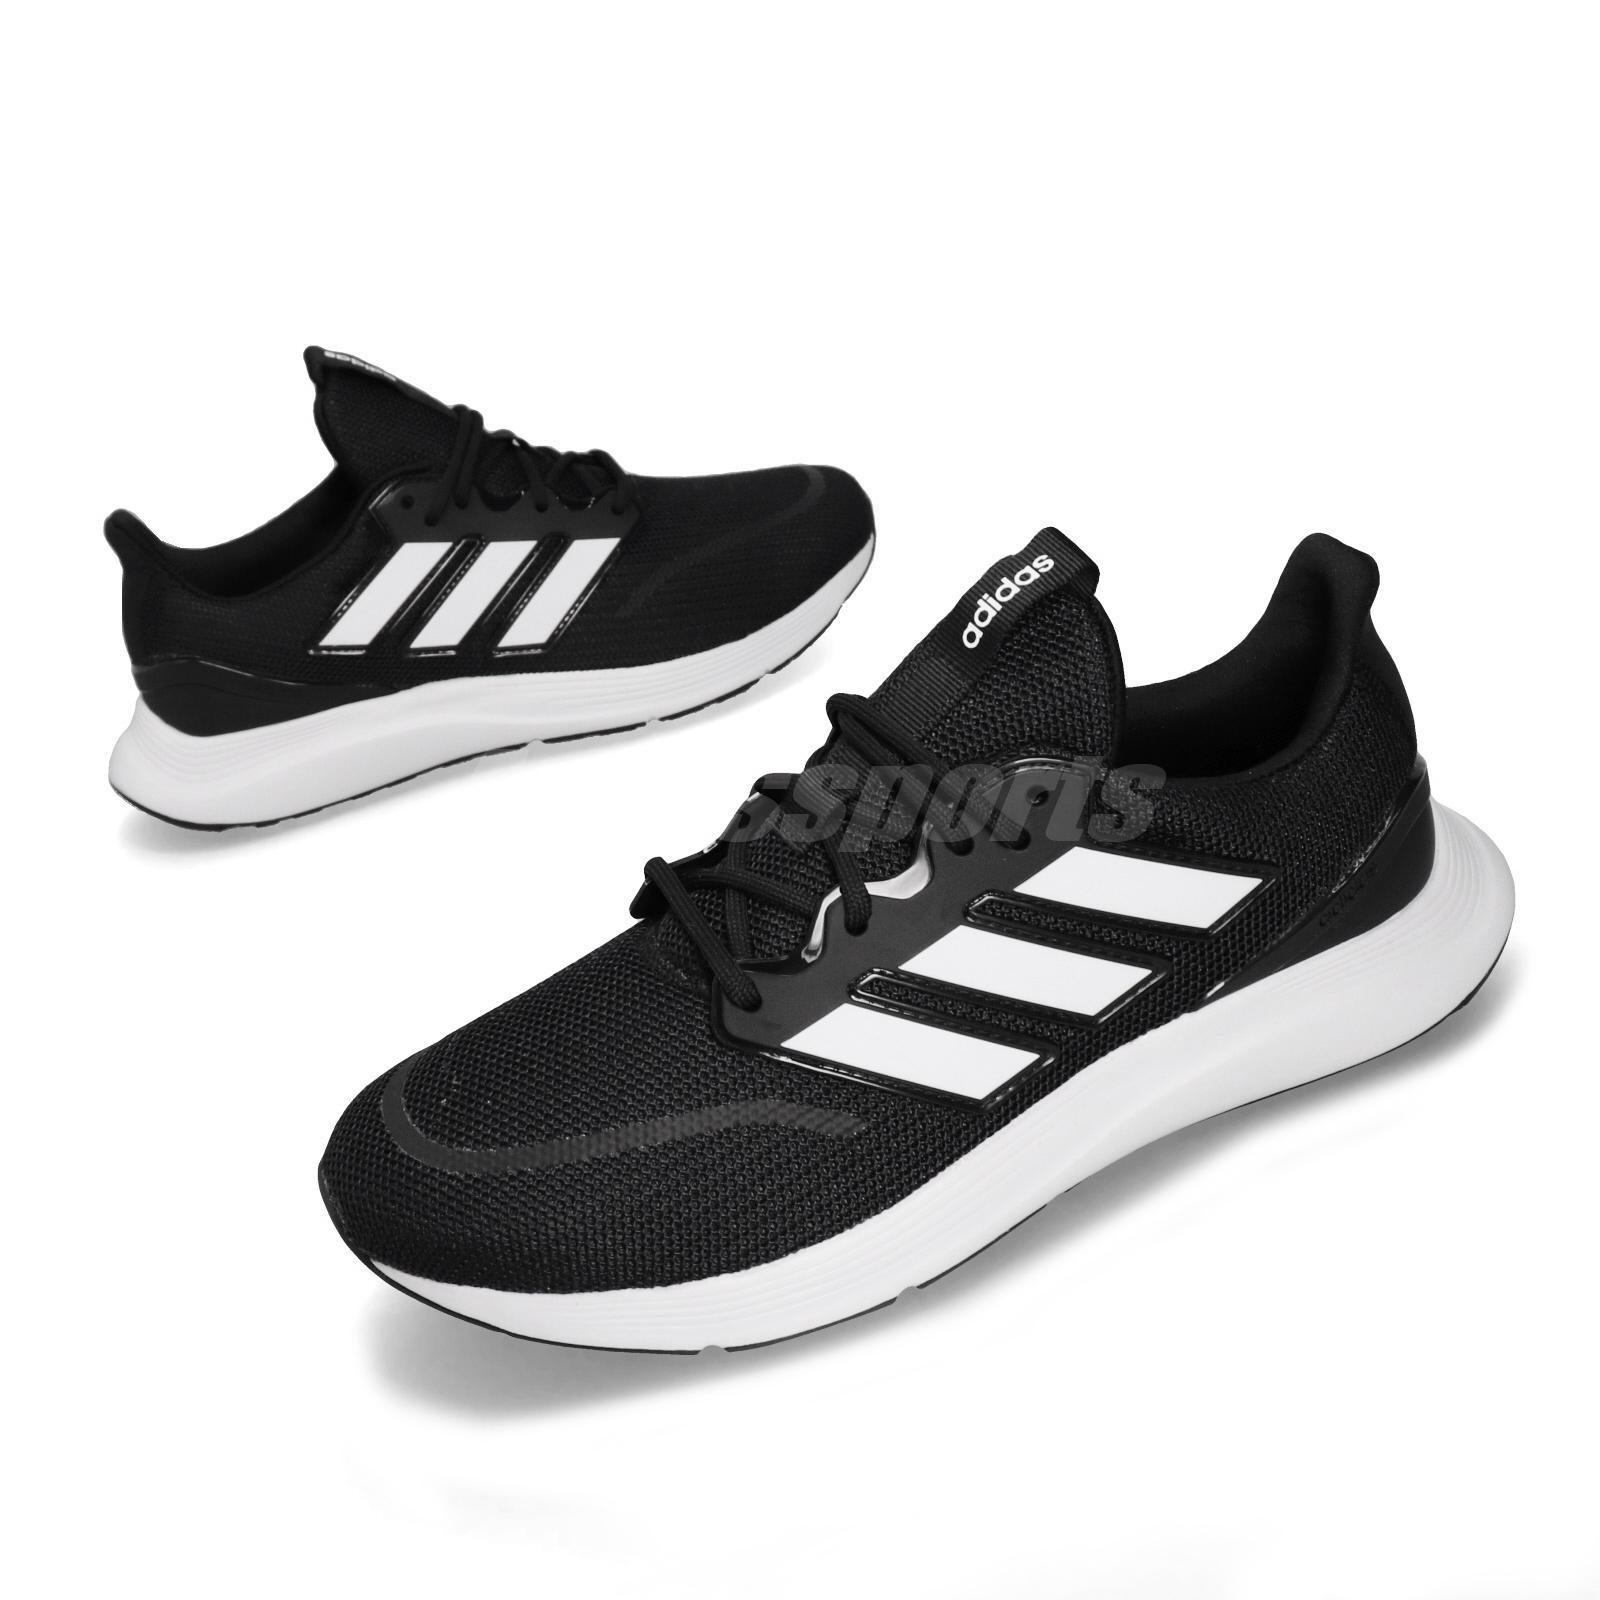 precio loco compra genuina rendimiento superior adidas Energyfalcon Core Black White Mens Running Shoes EE9843   eBay